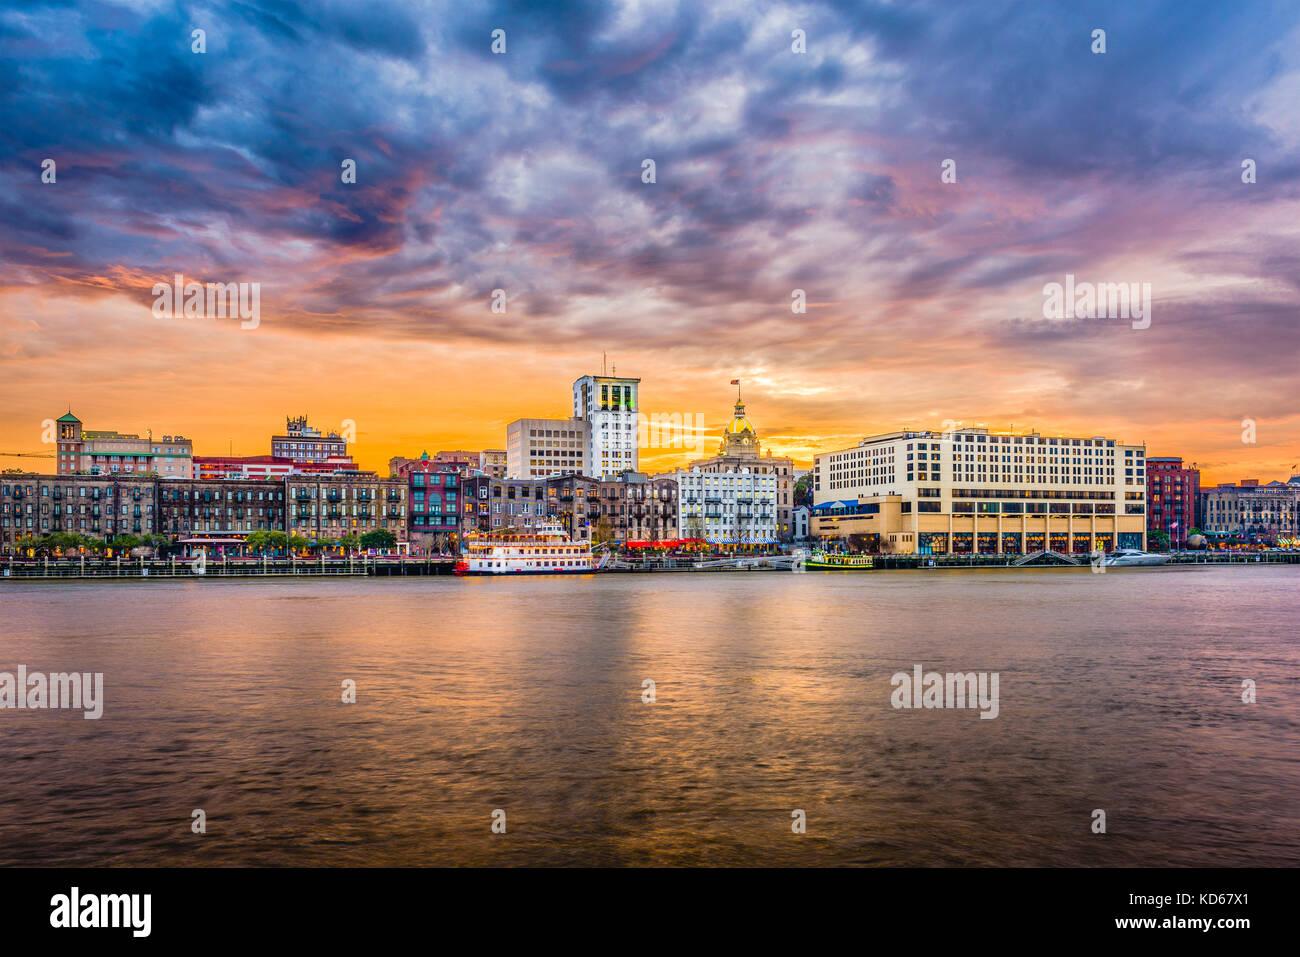 Savannah, Georgia, USA Skyline sur la rivière Savannah au crépuscule. Photo Stock